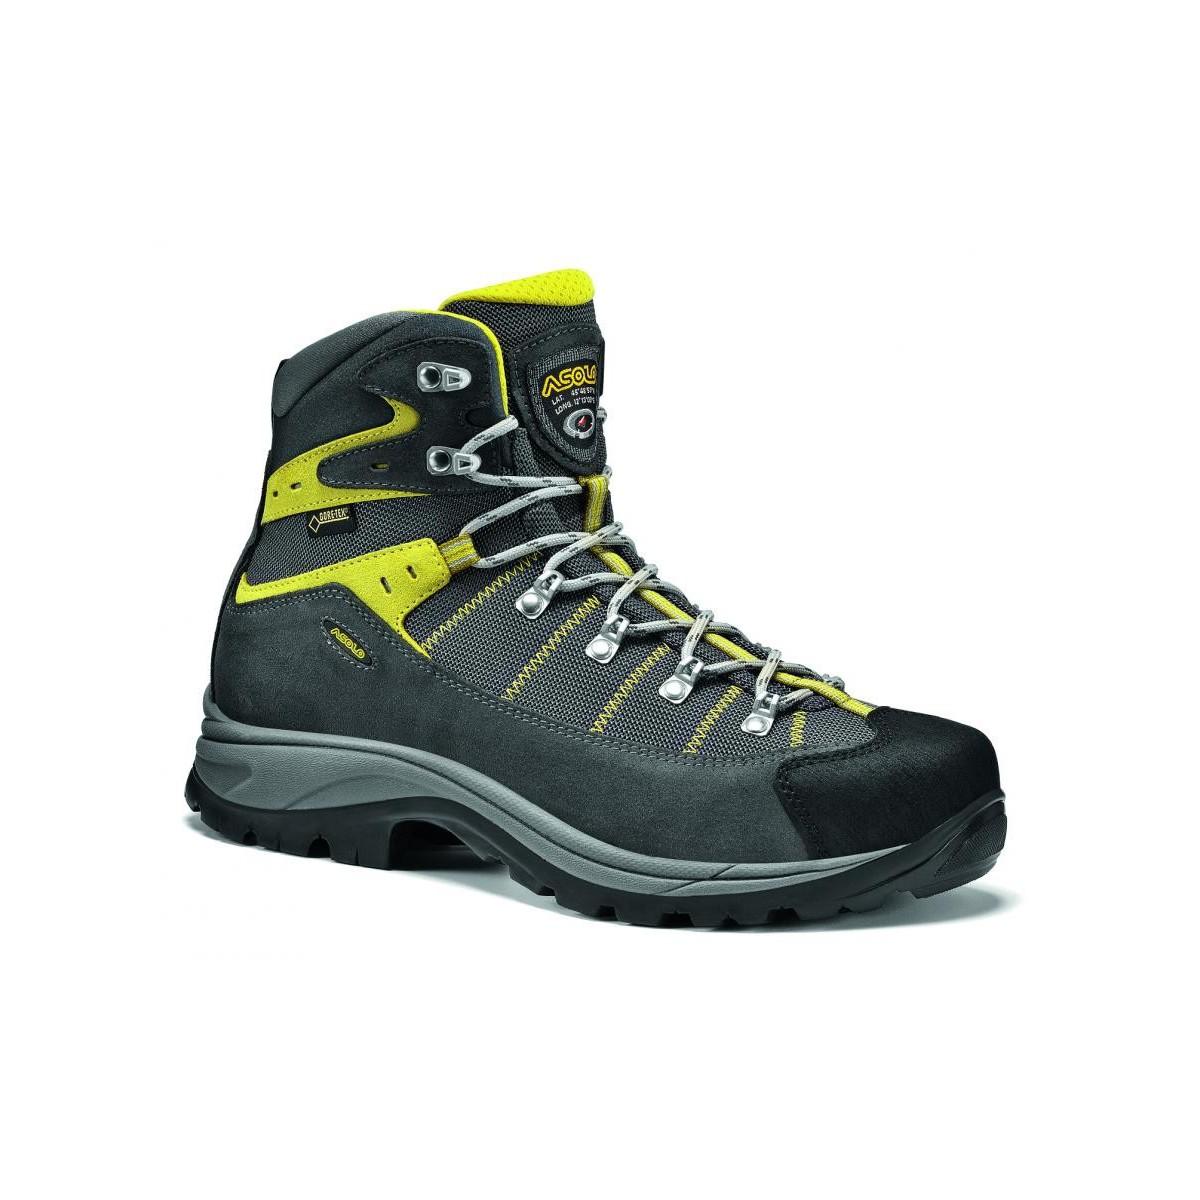 magasin d'usine 5c18a cdd36 chaussure ski de randonn茅e vieux campeur,chaussures de ...